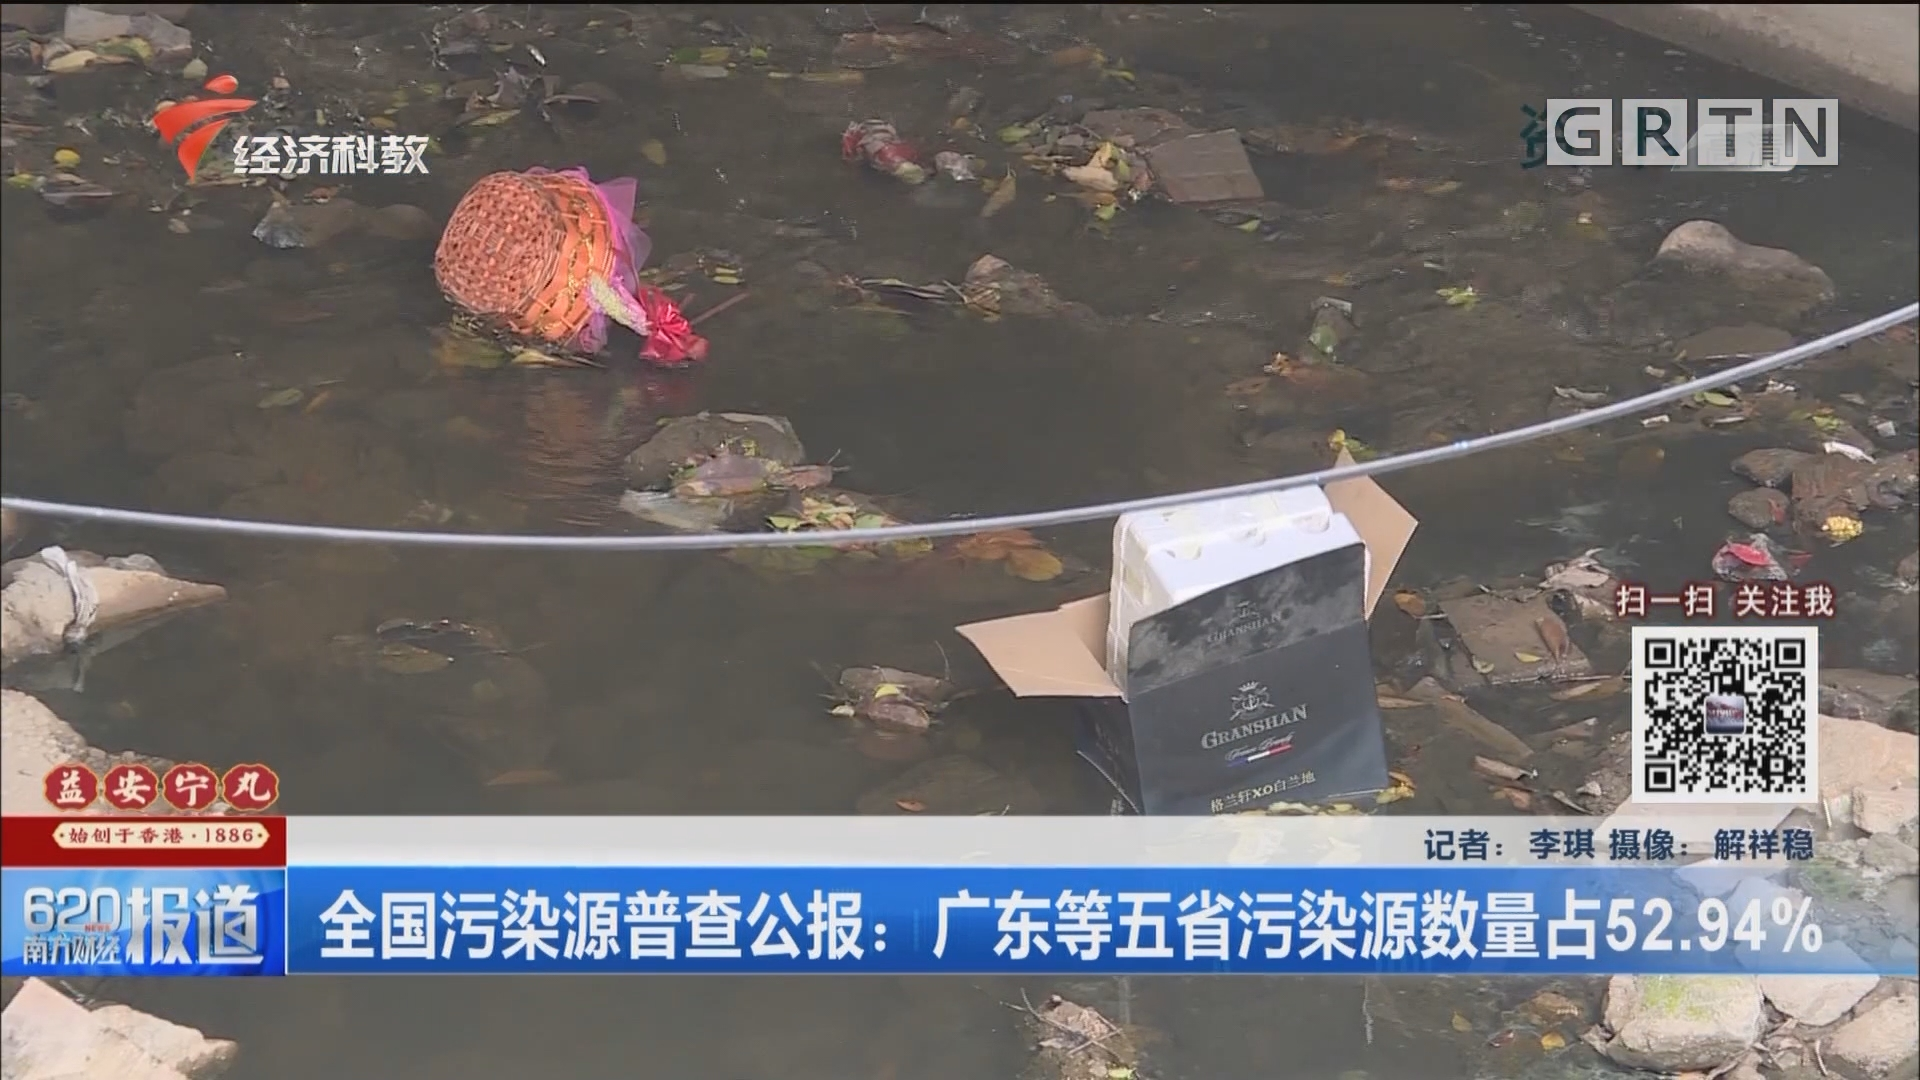 全国污染源普查公报:广东等五省污染源数量占52.94%